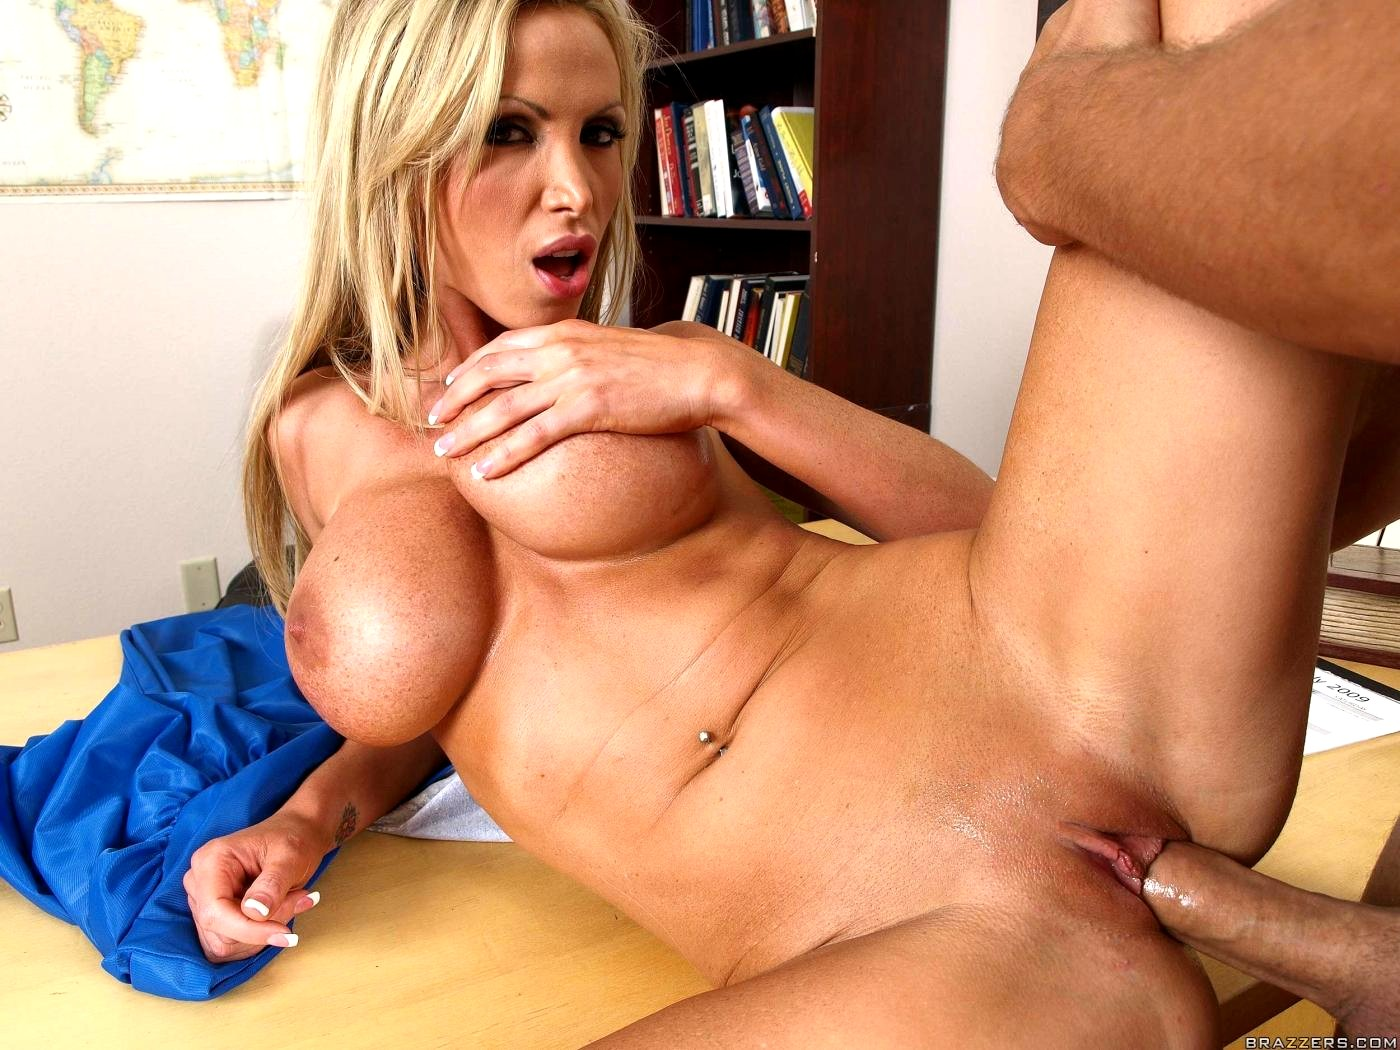 Nikki waine porn galleries by date